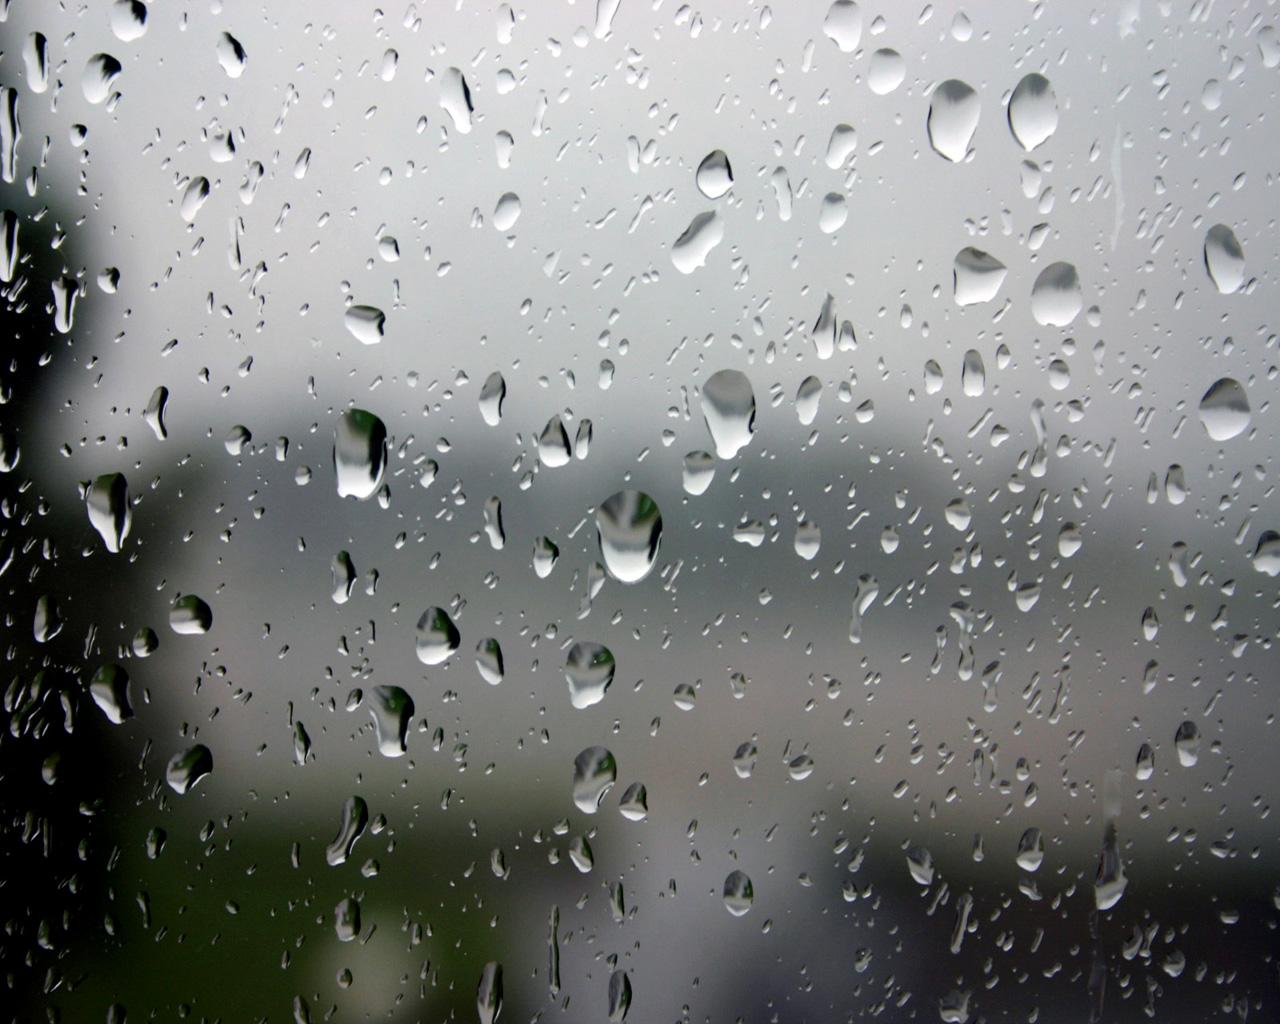 Rain Wallpaper 5999 1280x1024 px ~ HDWallSource.com